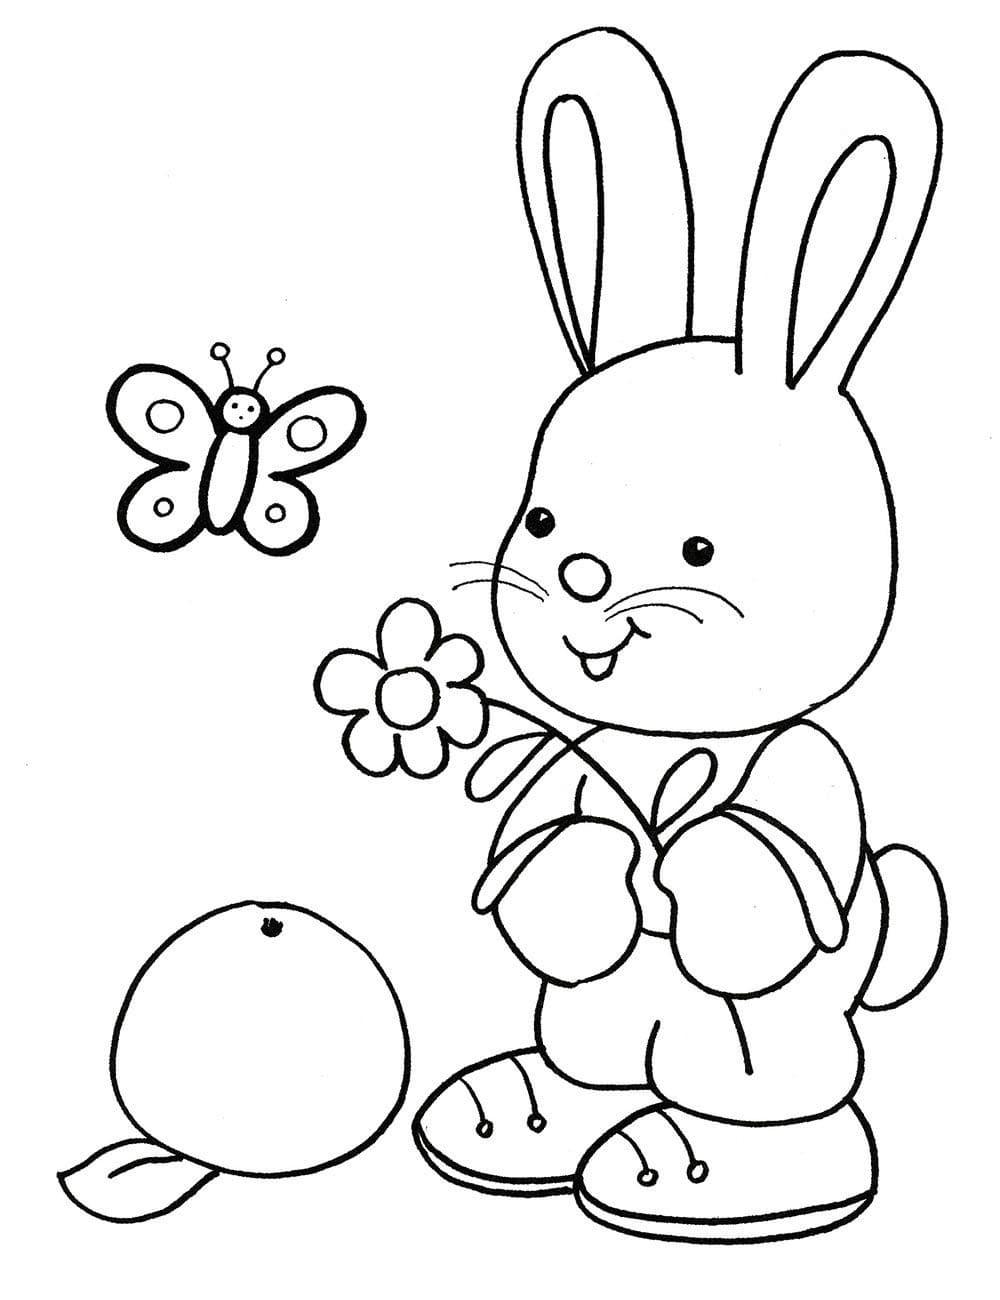 Coloriage Pour Les Enfants De 5 Ans. Imprimer Gratuitement encequiconcerne Jeux Fille 5 Ans Gratuit